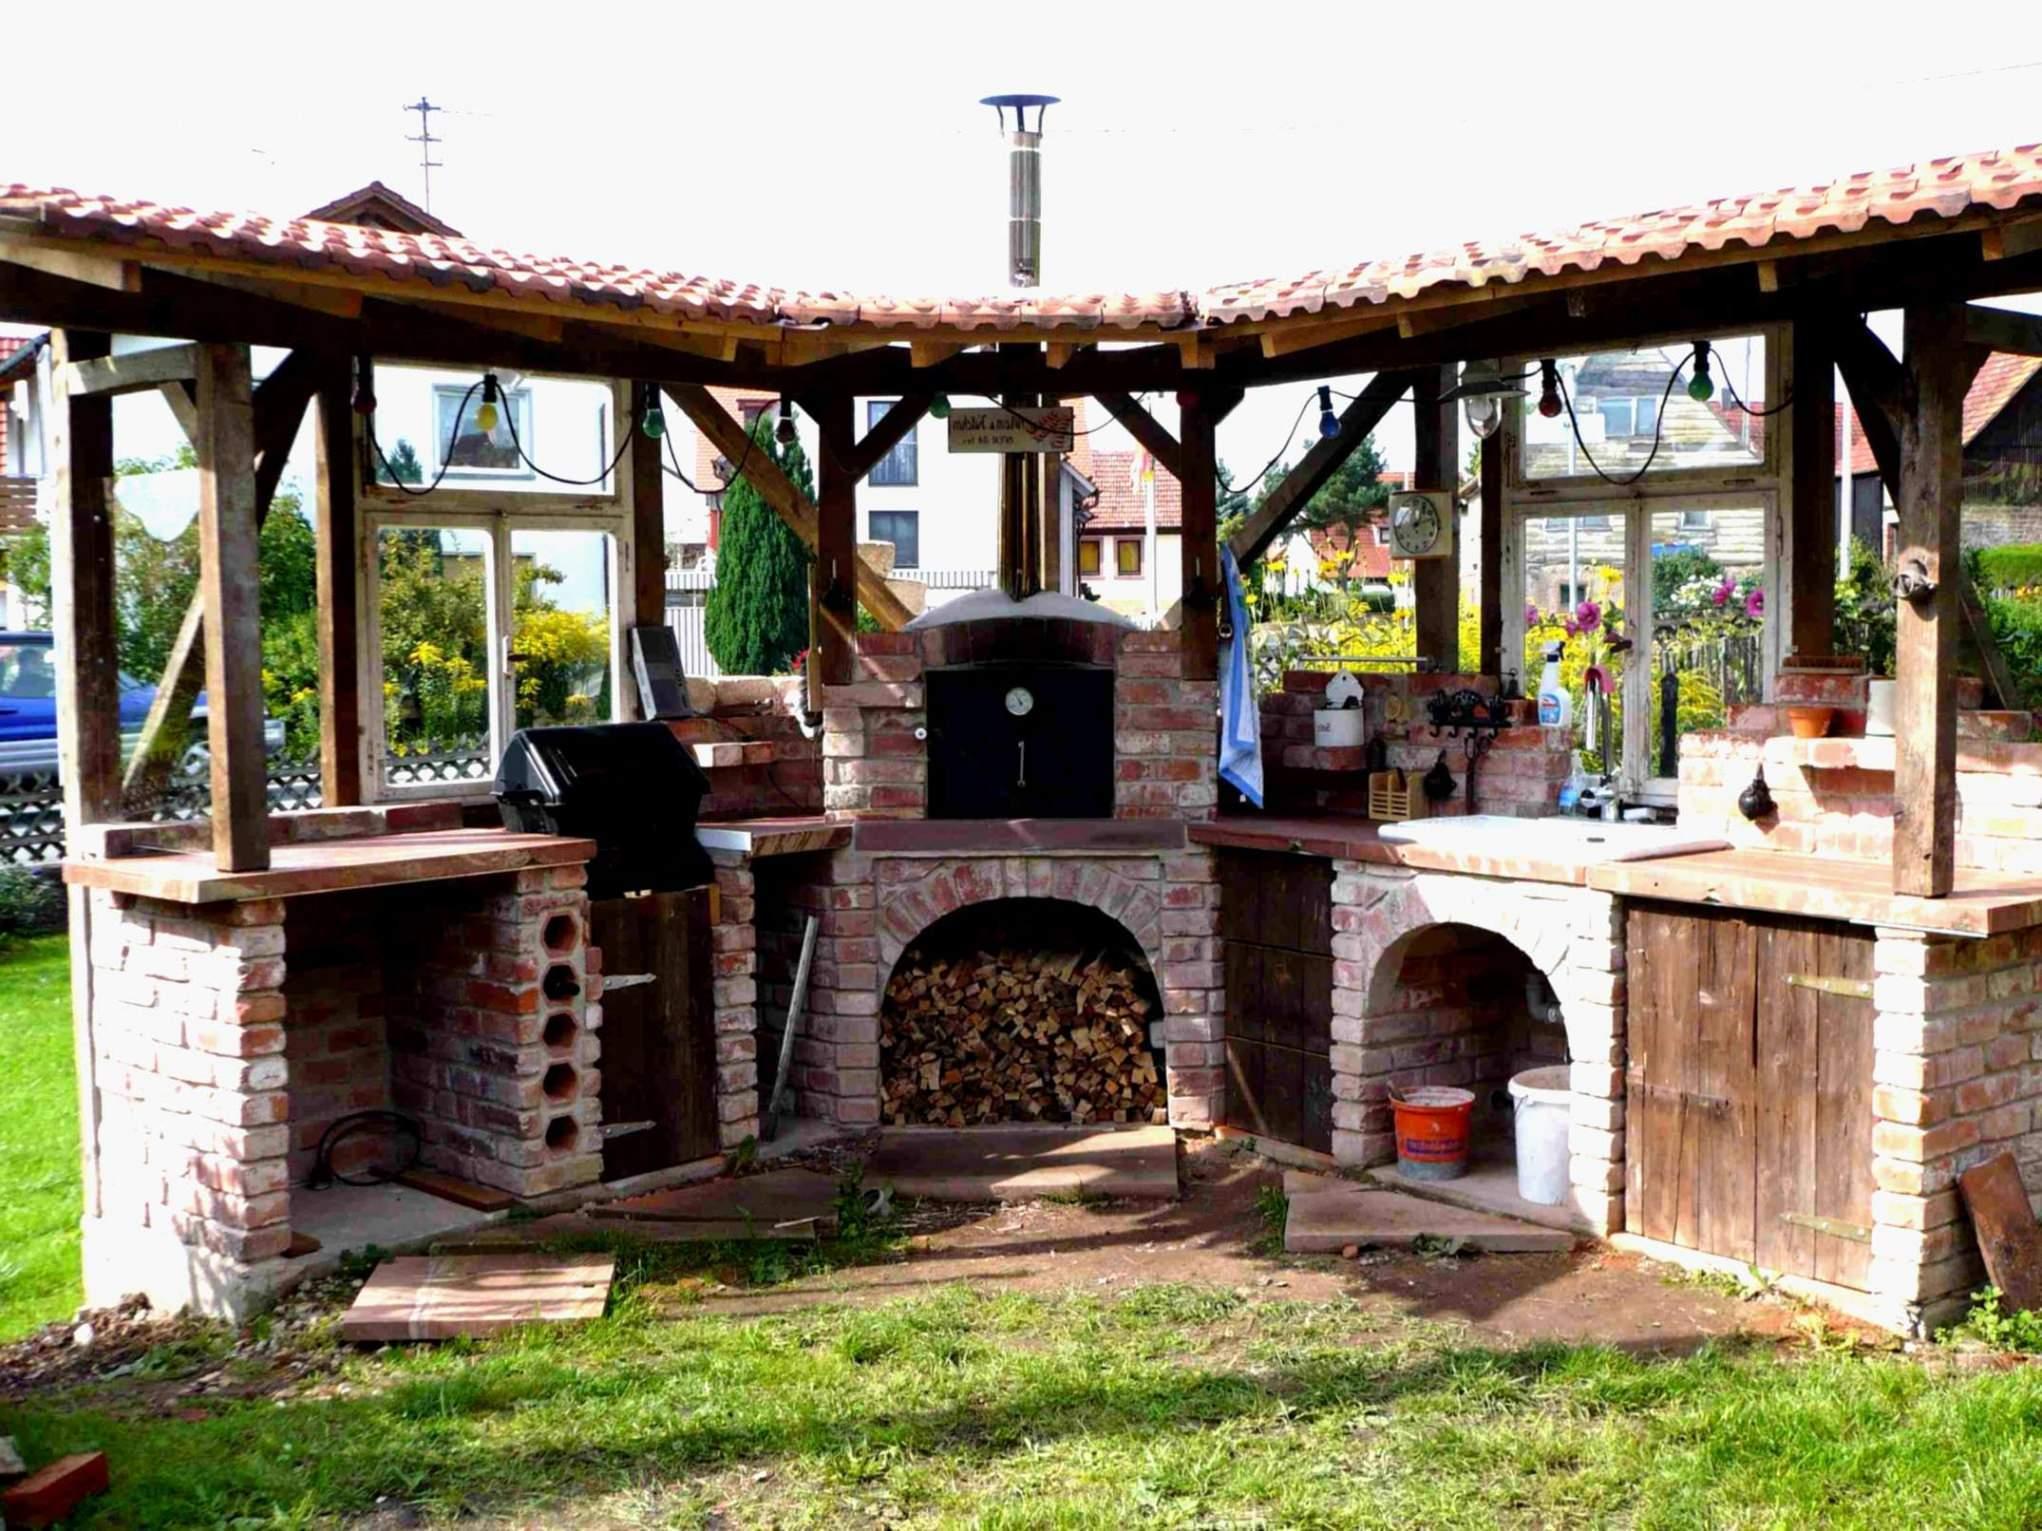 pizzaofen garten bausatz einzigartig grill im garten gestalten temobardz home blog of pizzaofen garten bausatz